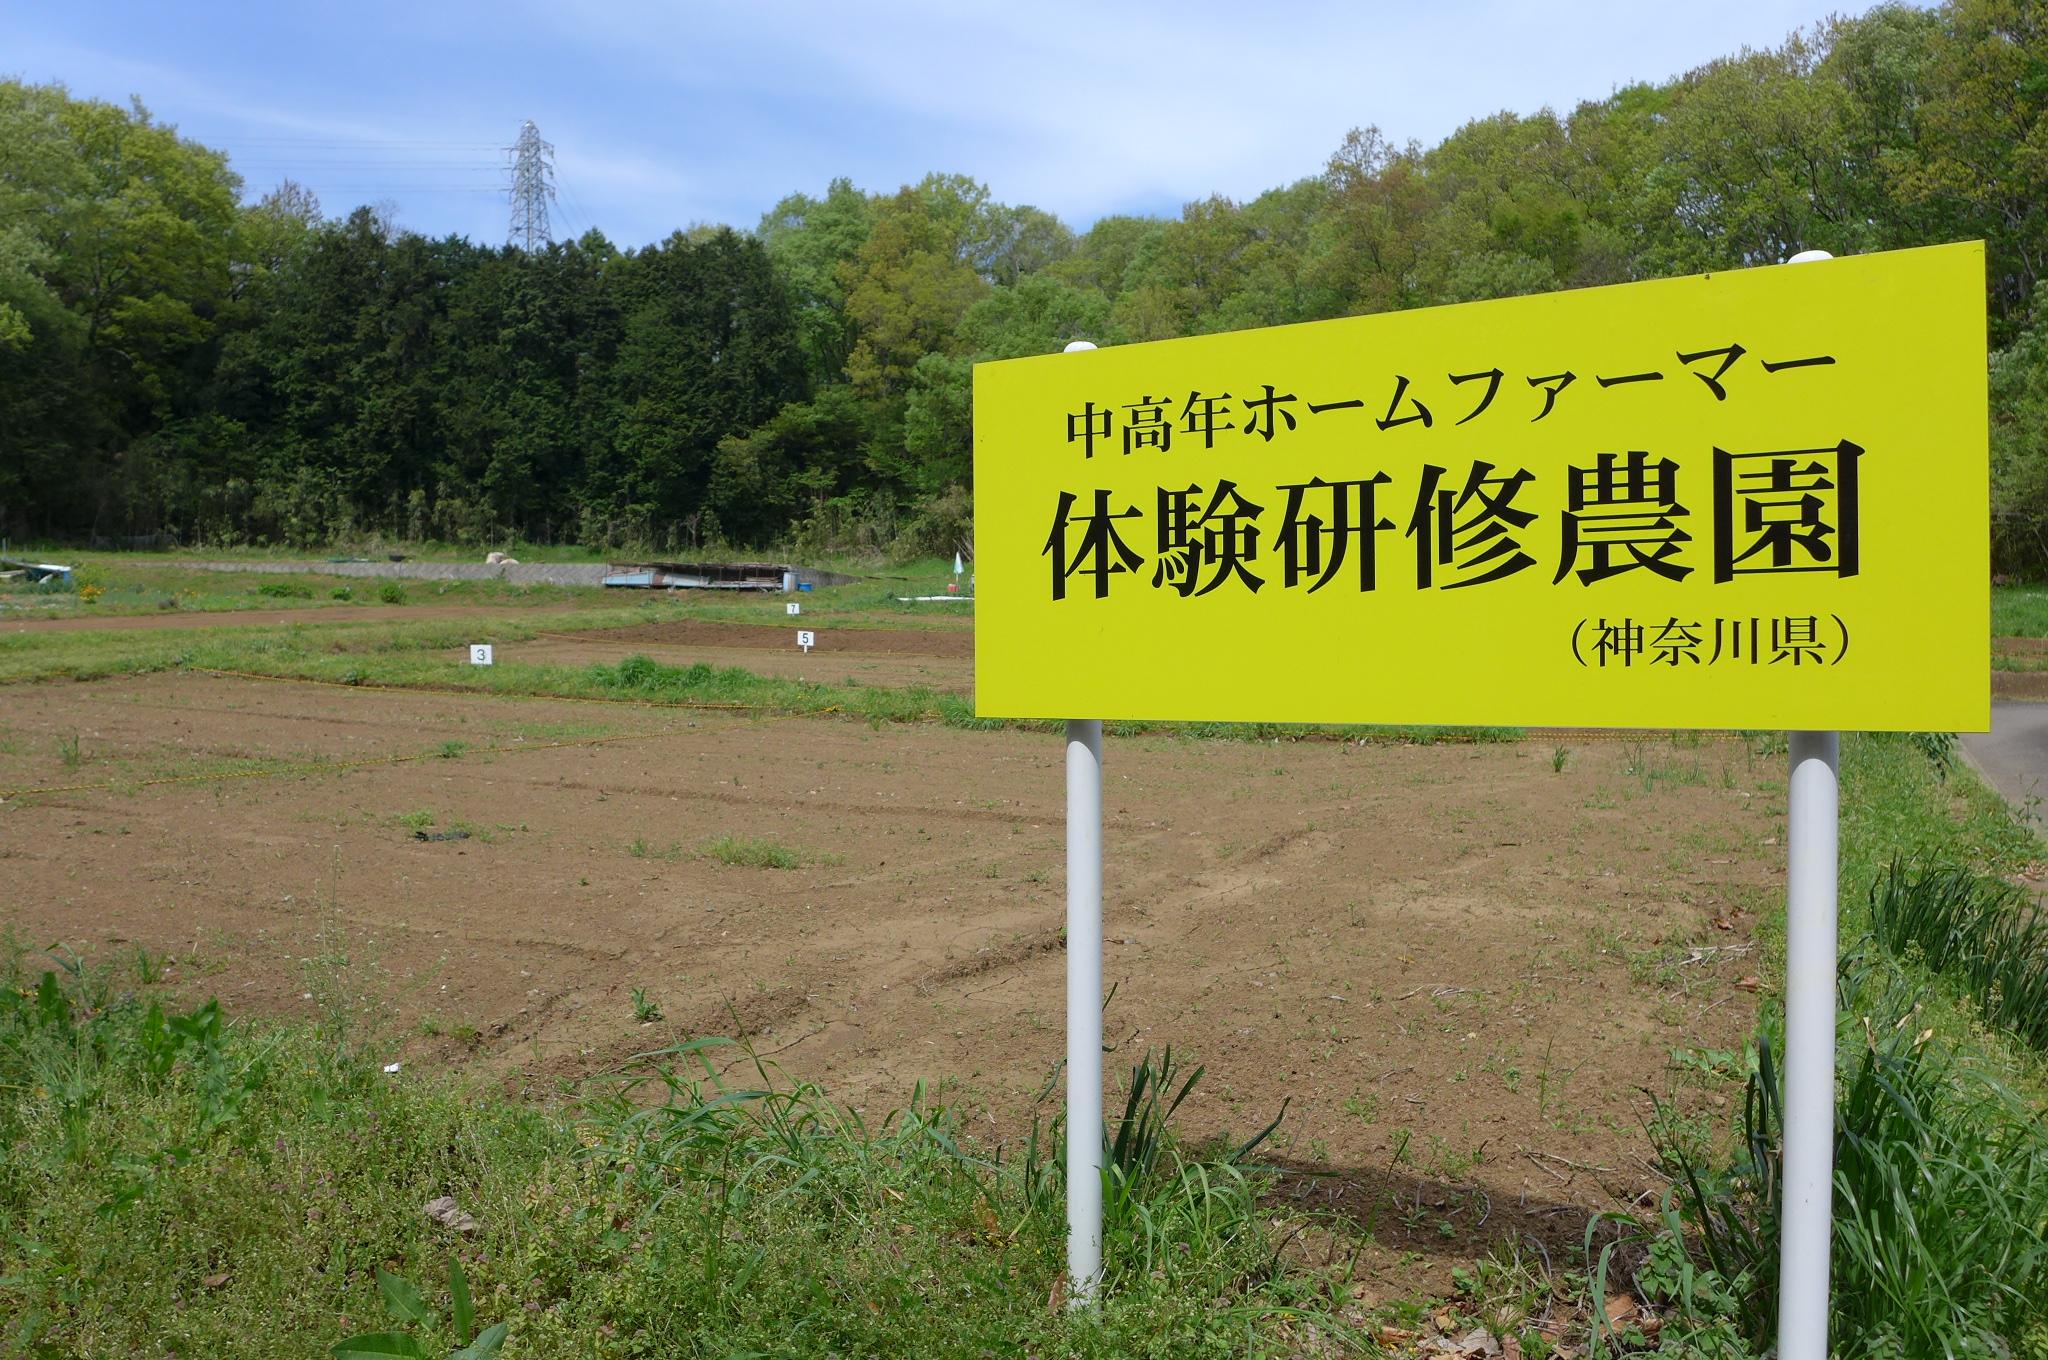 「中高年ホームファーマー」農業研修体験を始めます